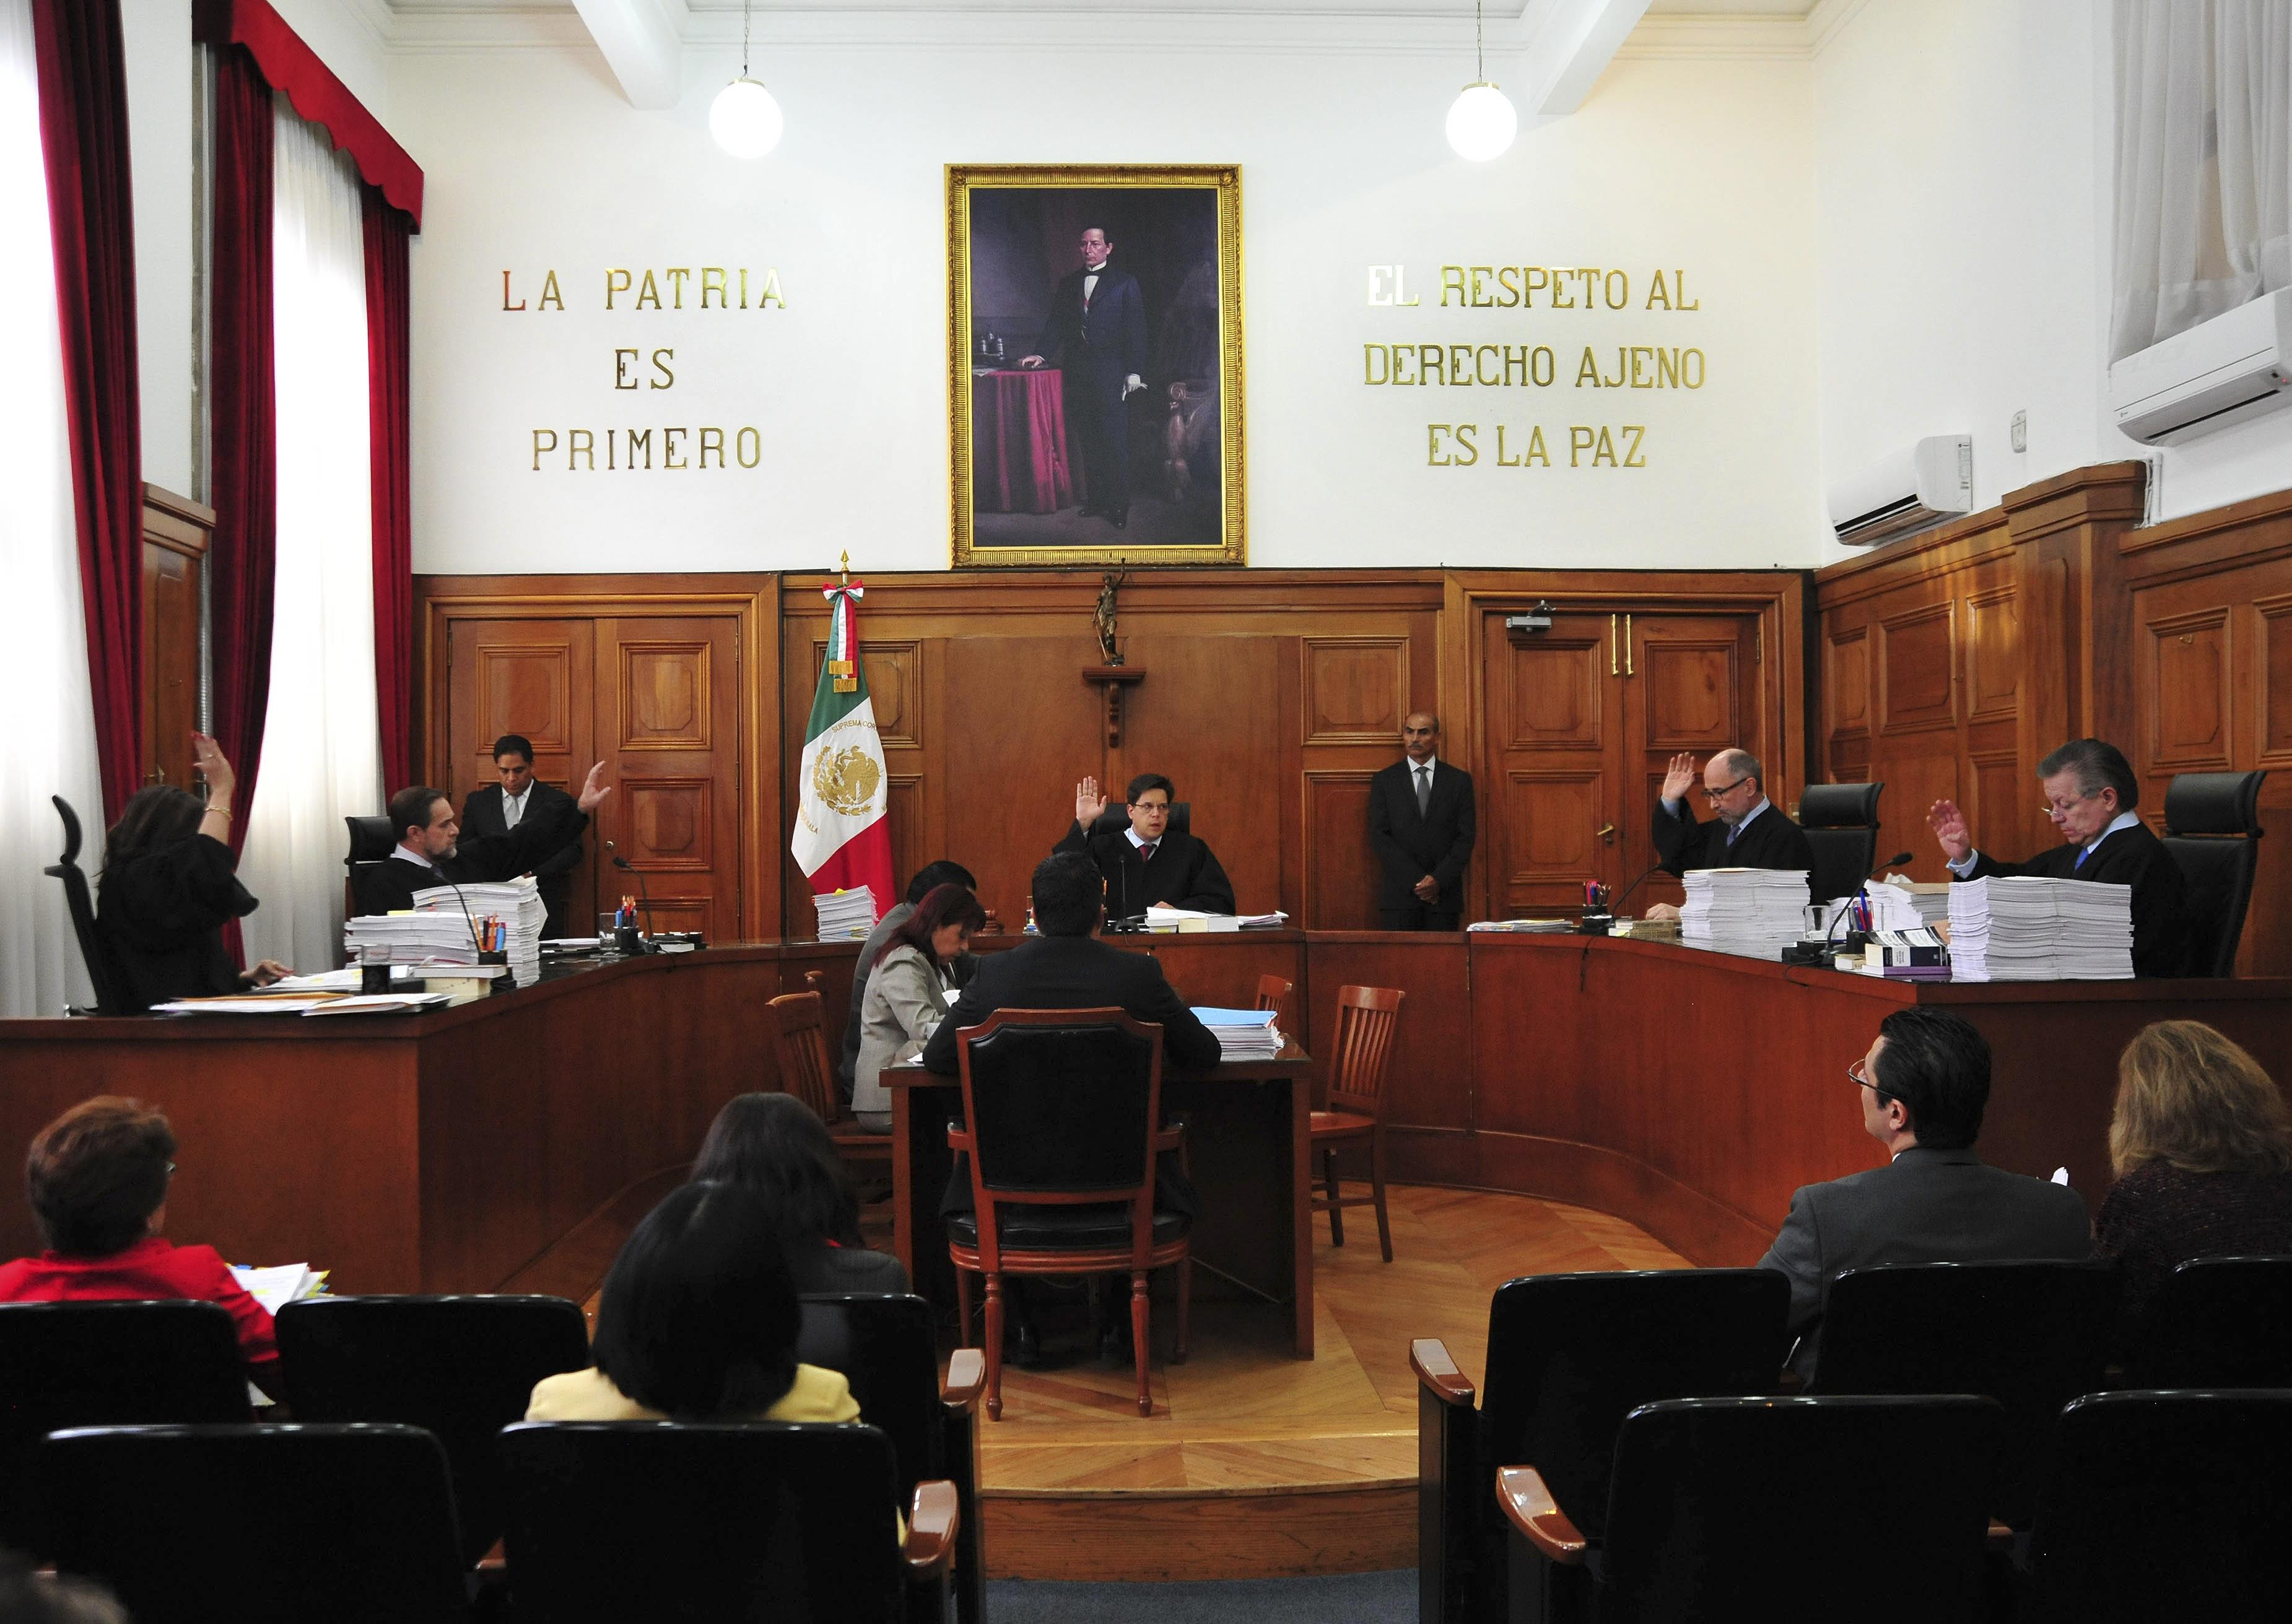 La Suprema Corte analizará si la ley 3de3 es constitucional